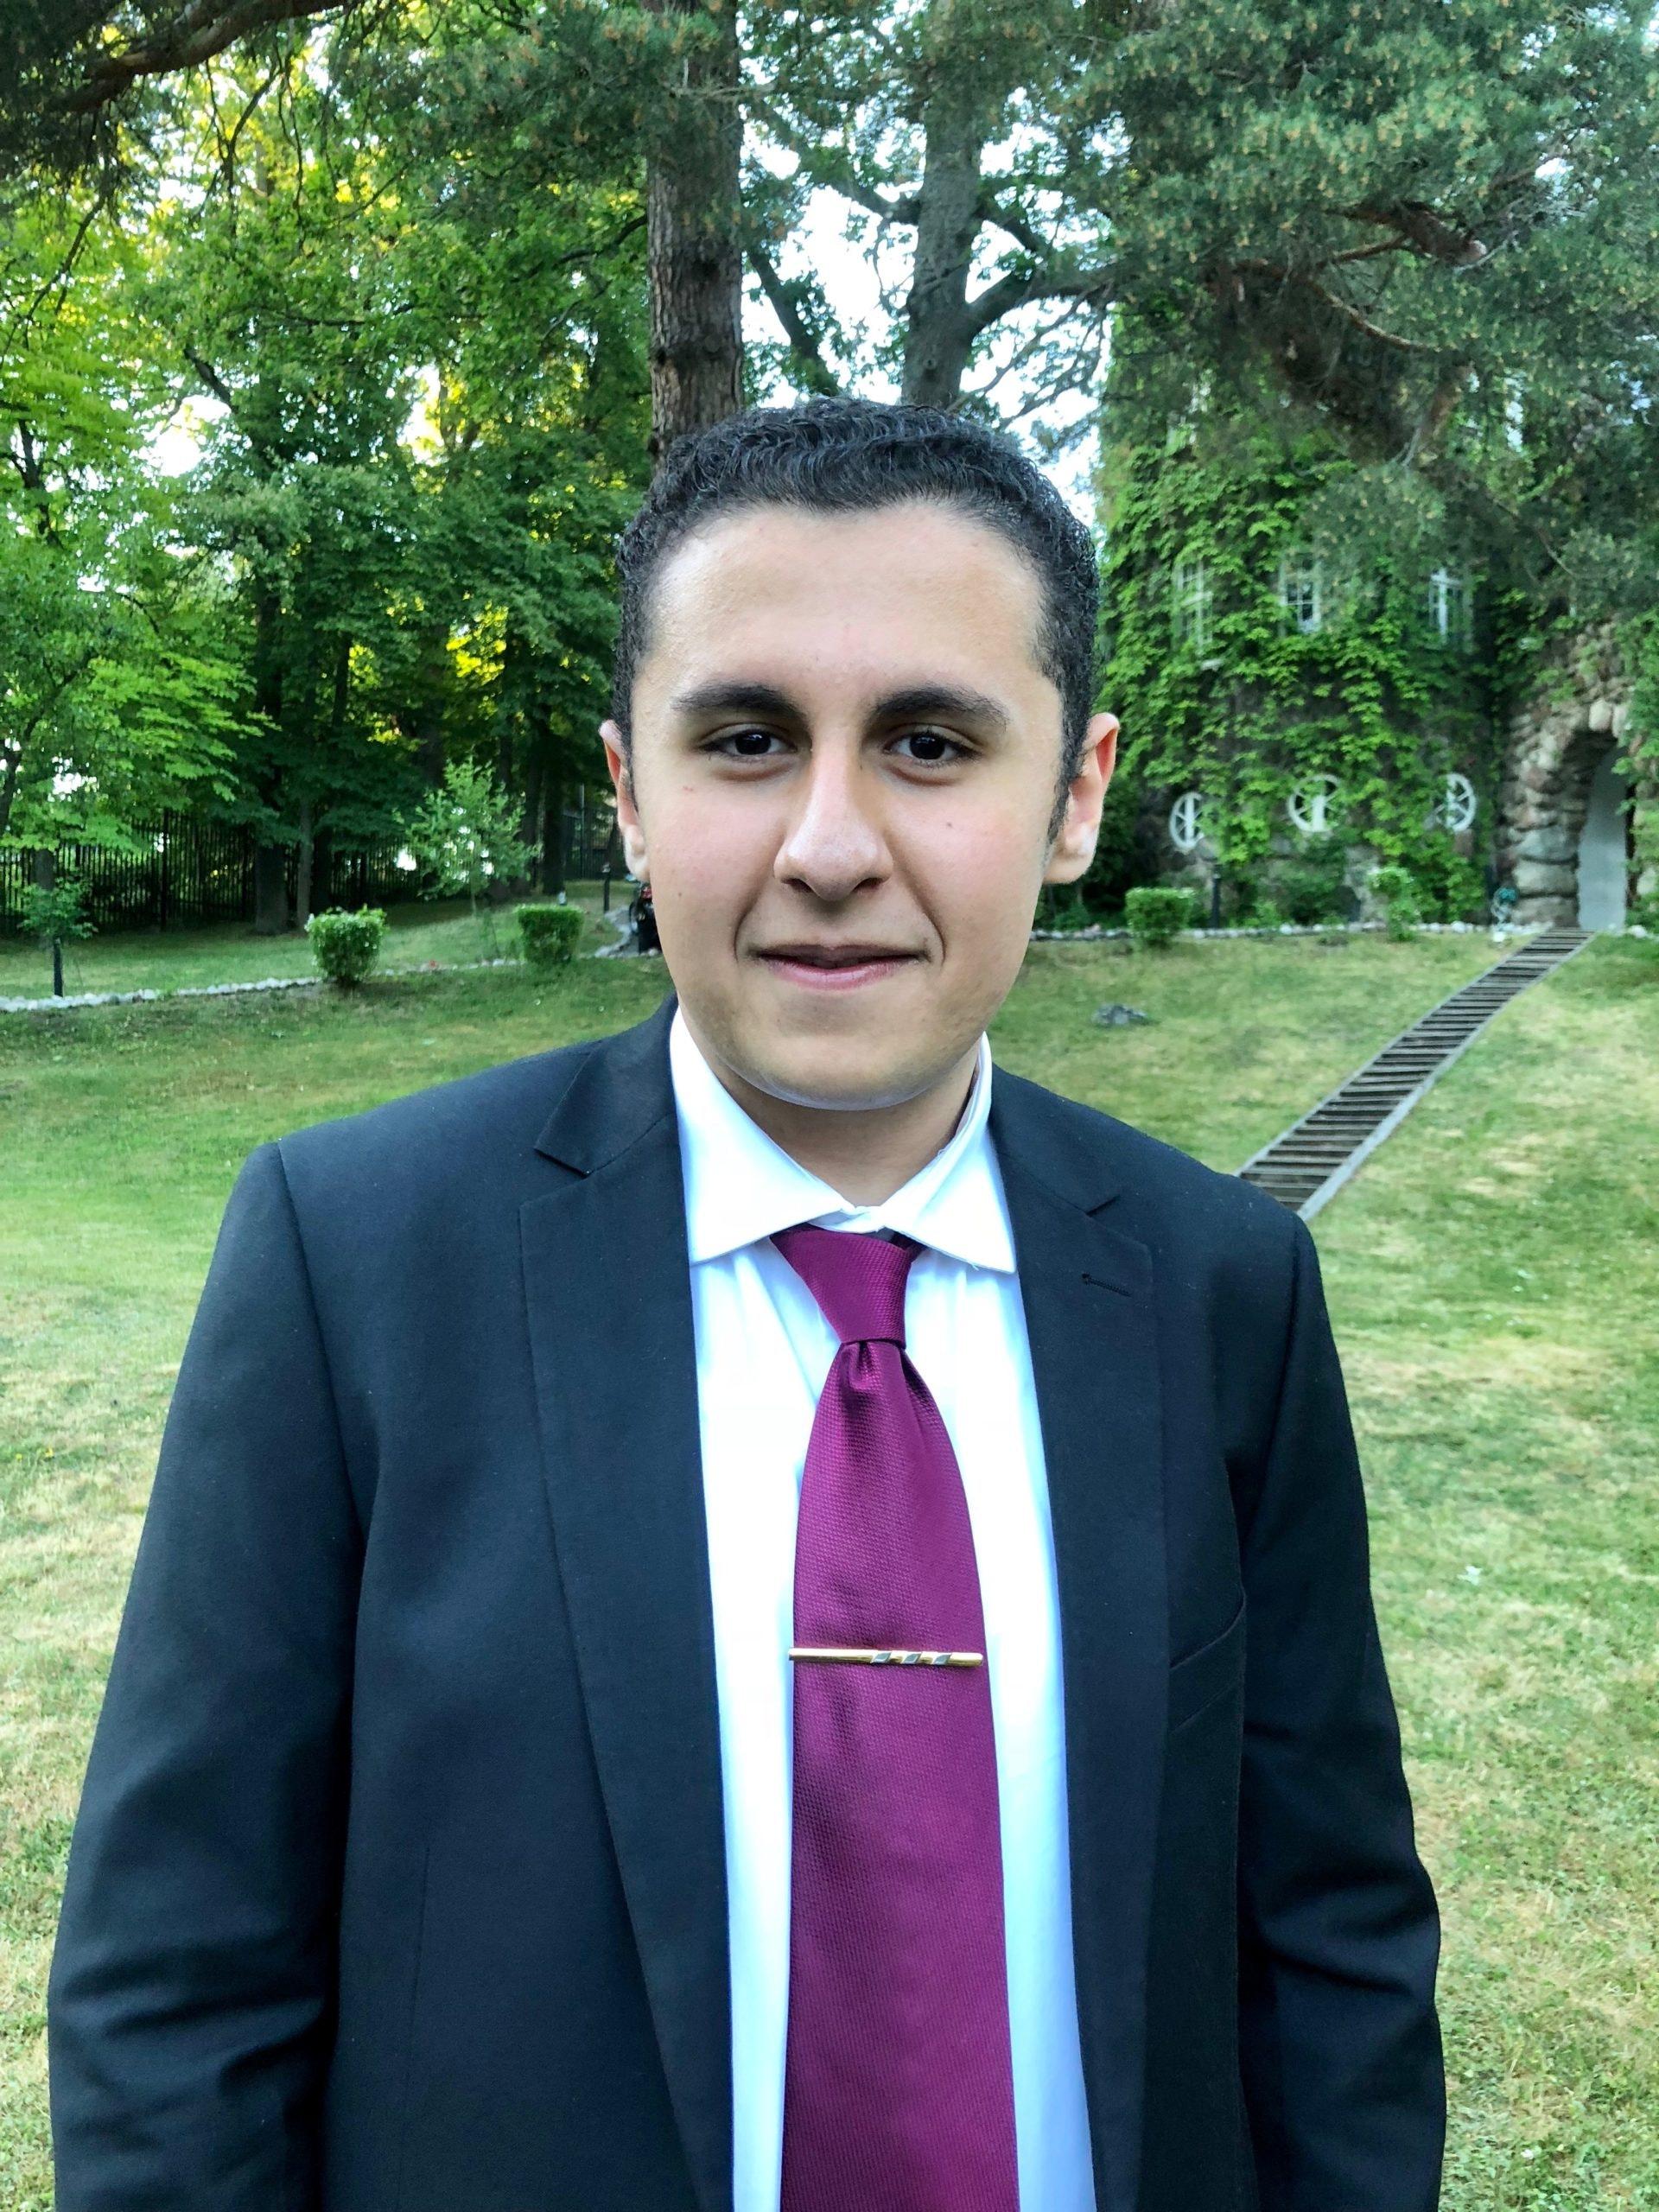 Mikel Shenouda